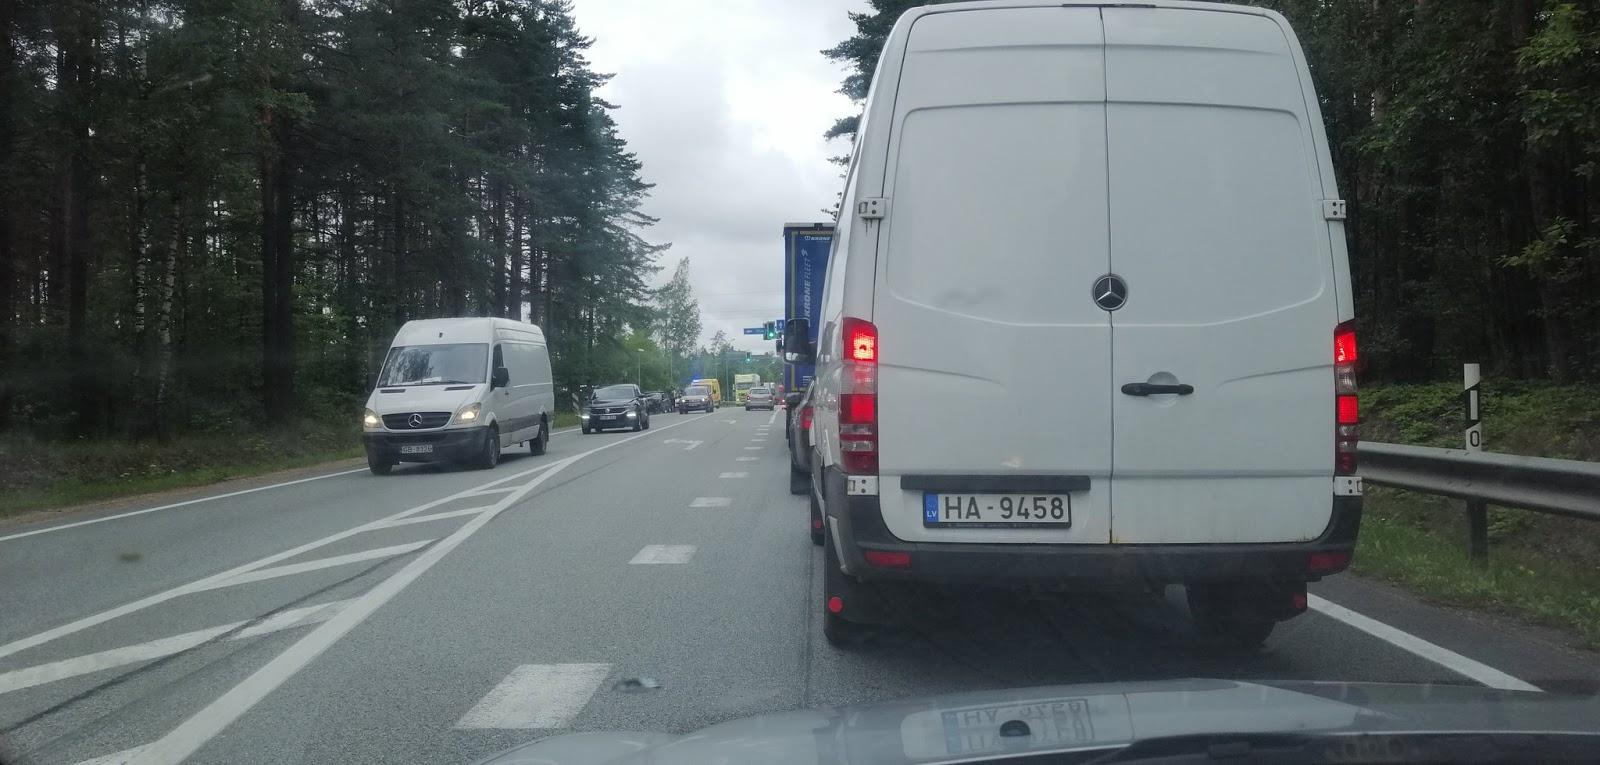 Avārija uz Rīgas apvedceļa A4